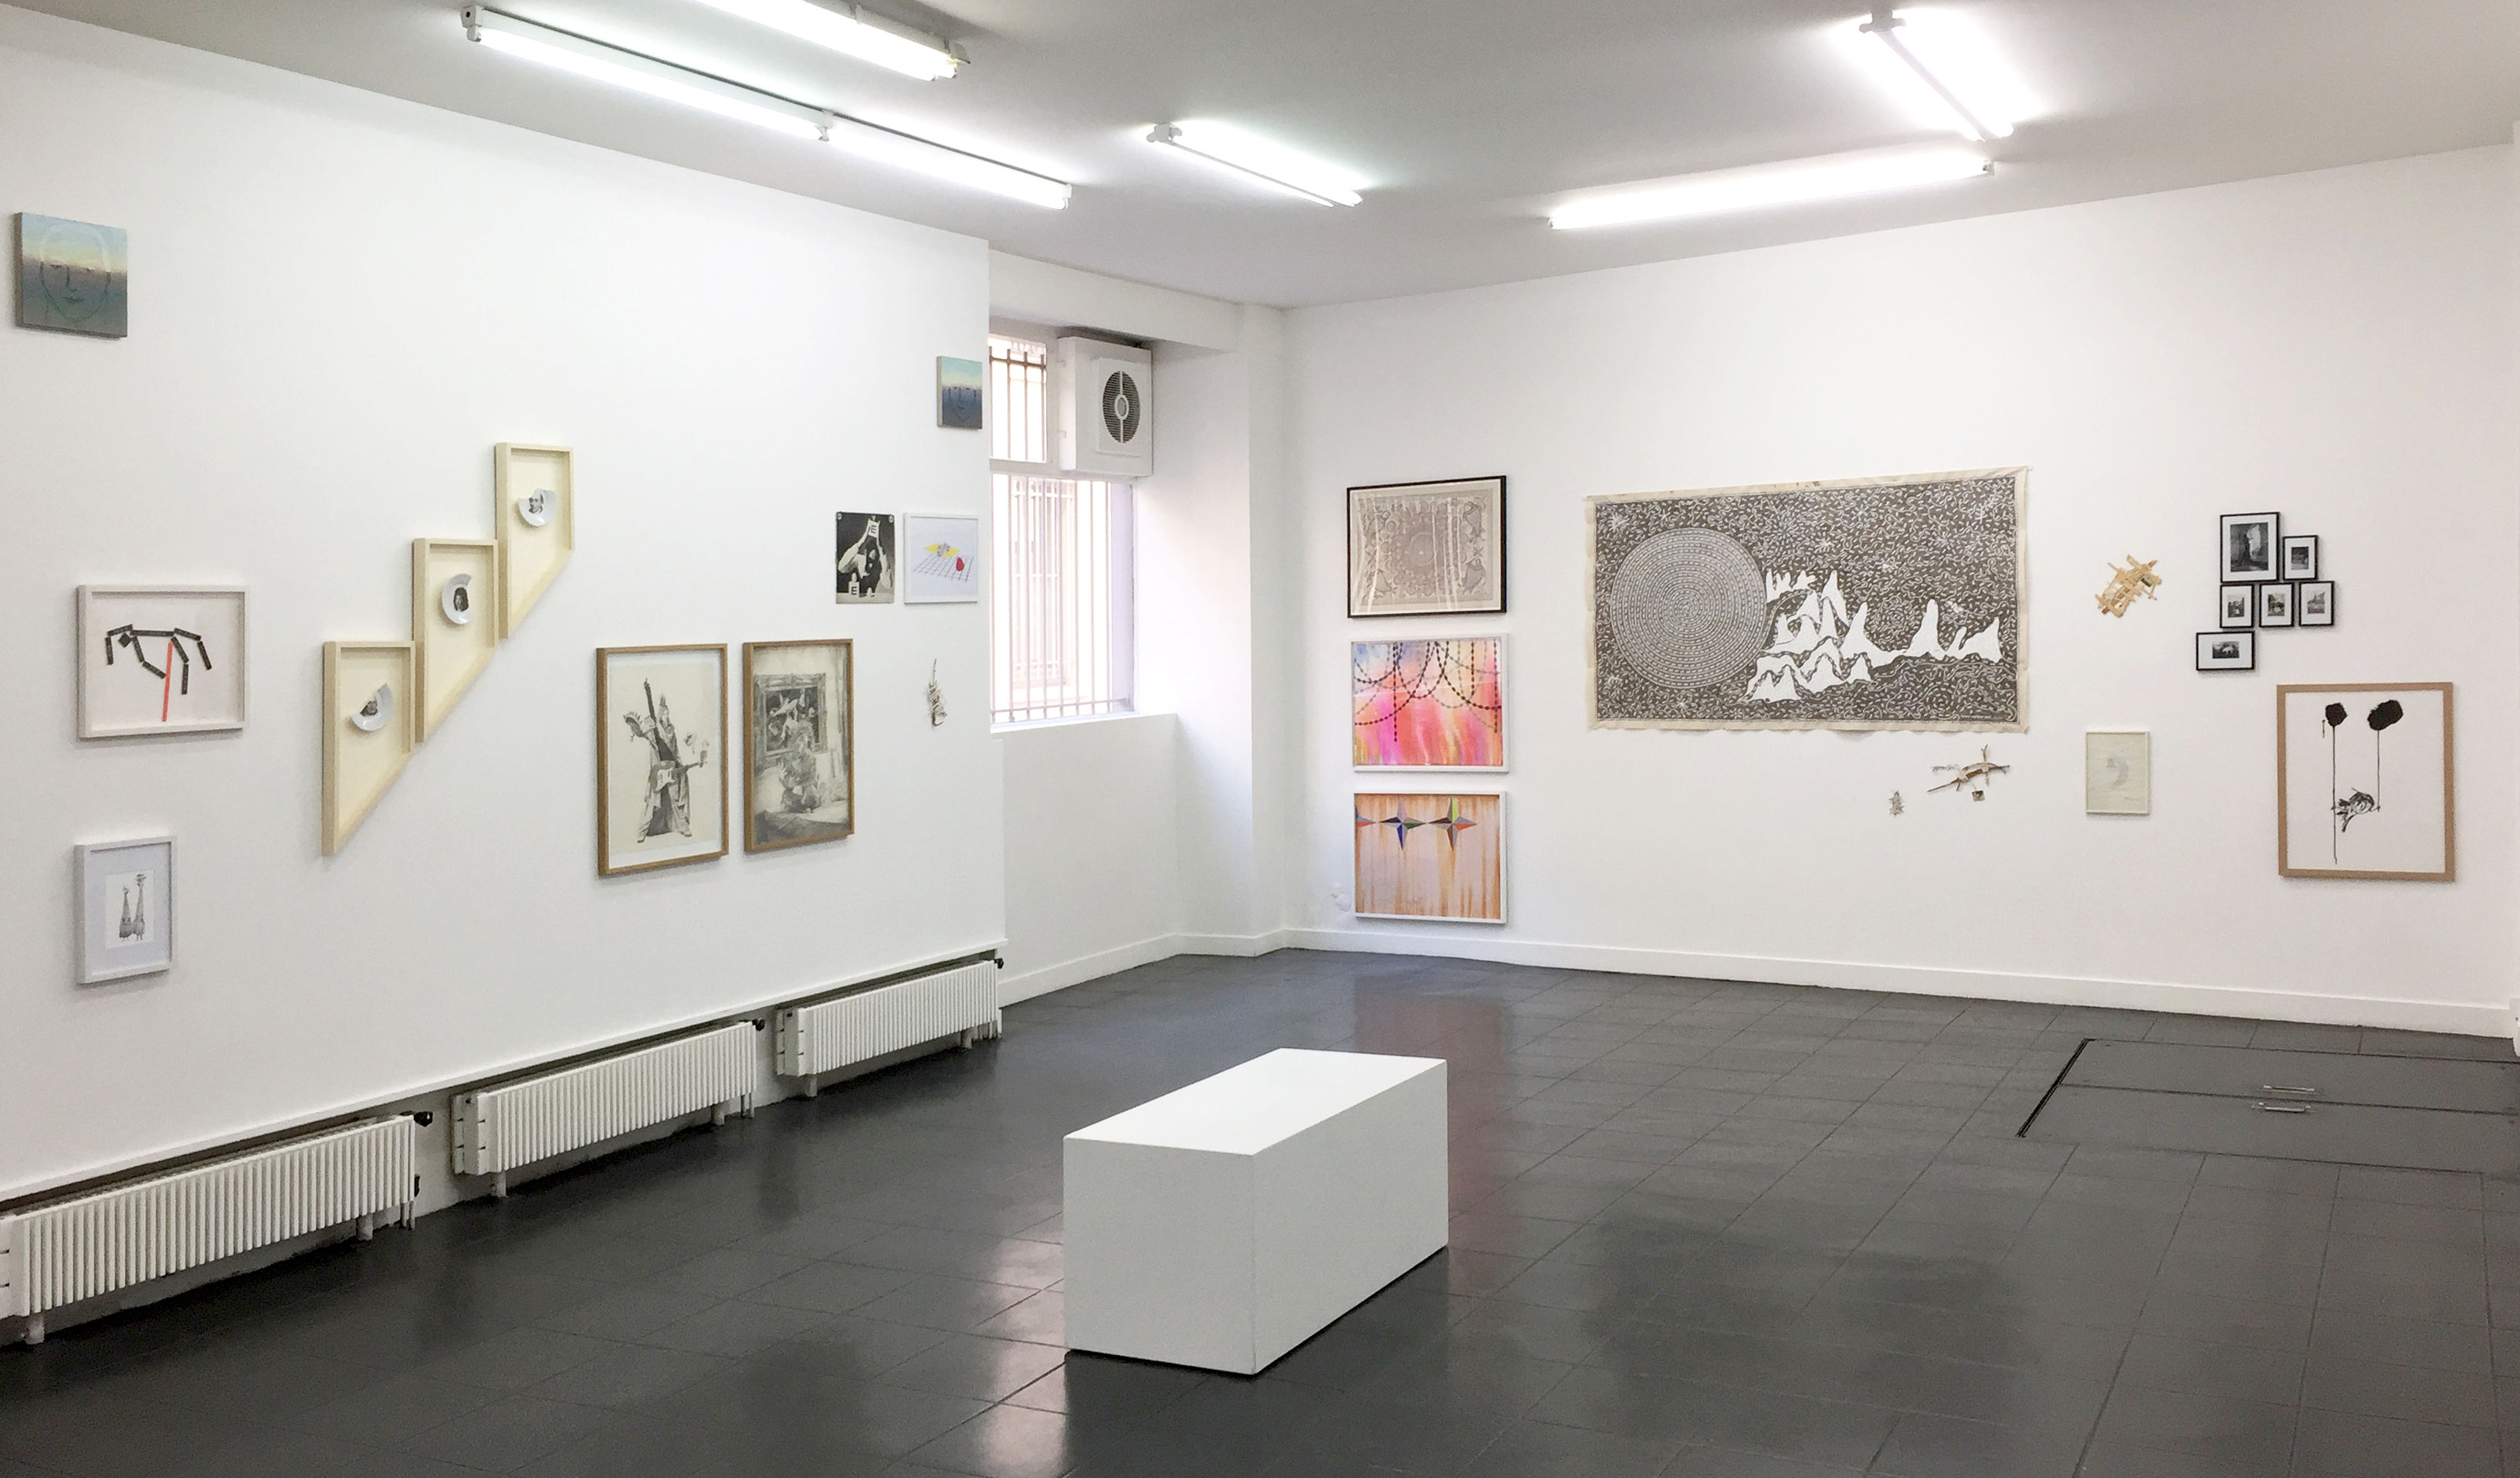 Galerie-Metropolis-VUE-EXPOSITION-DESSINS-PERTURBATEURS-2